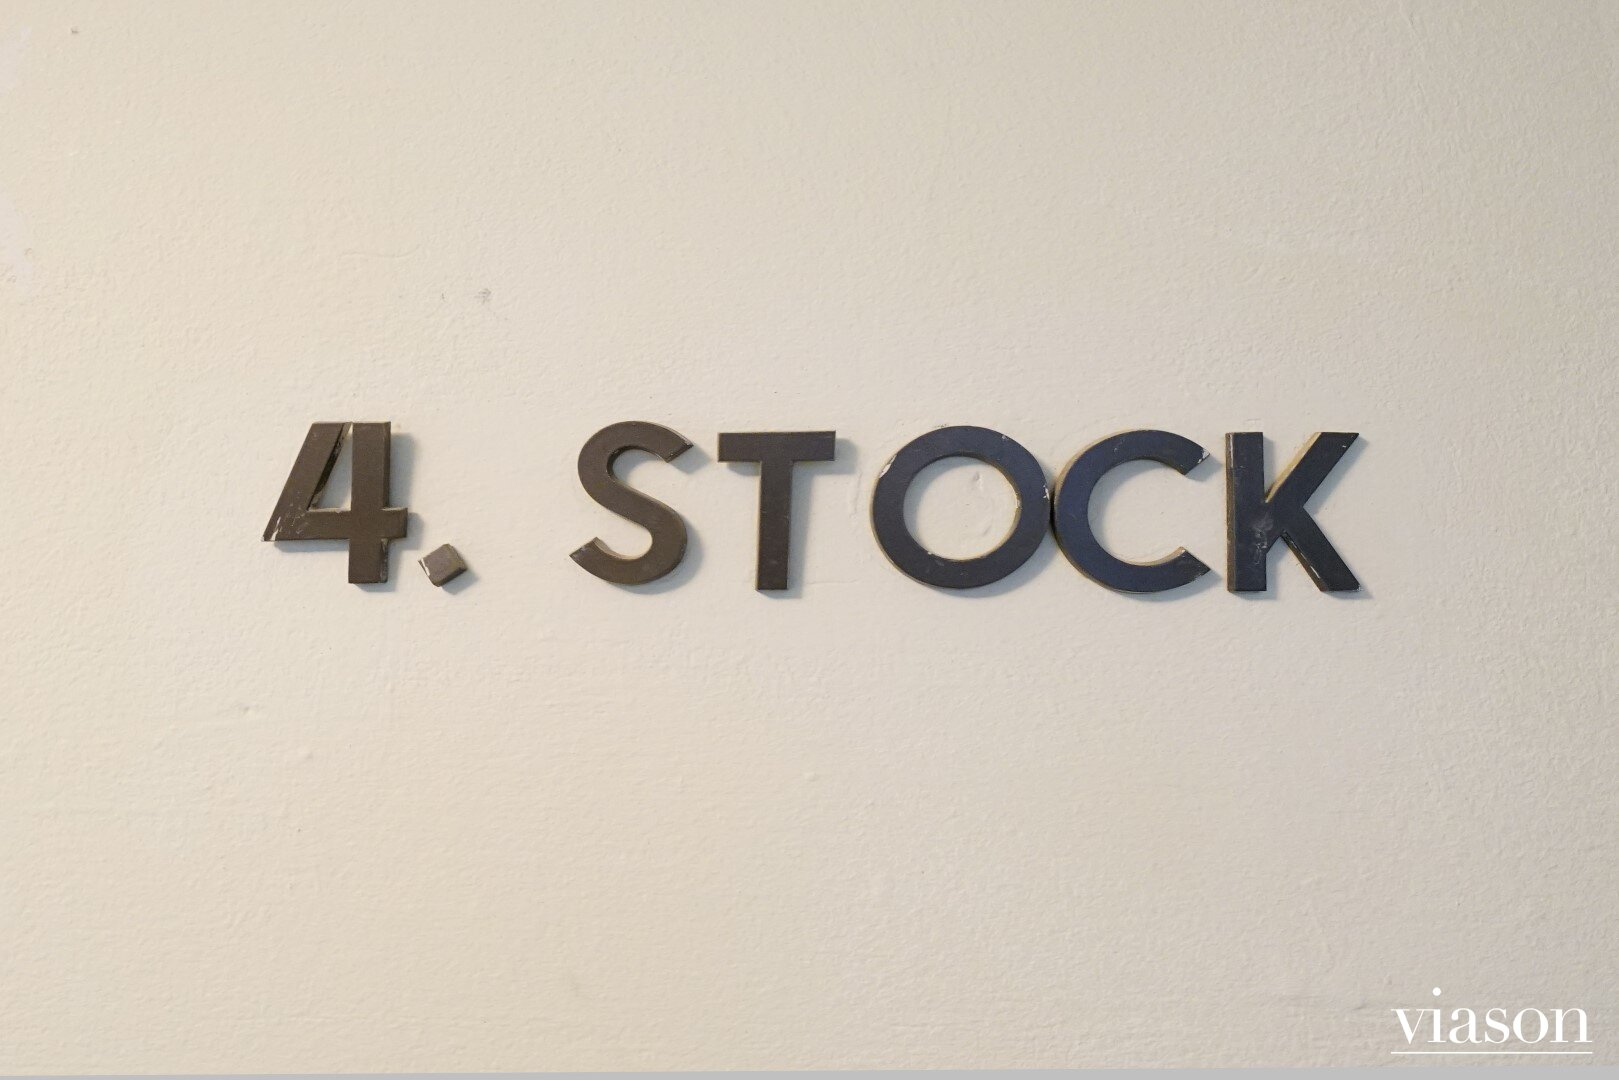 4. Stock